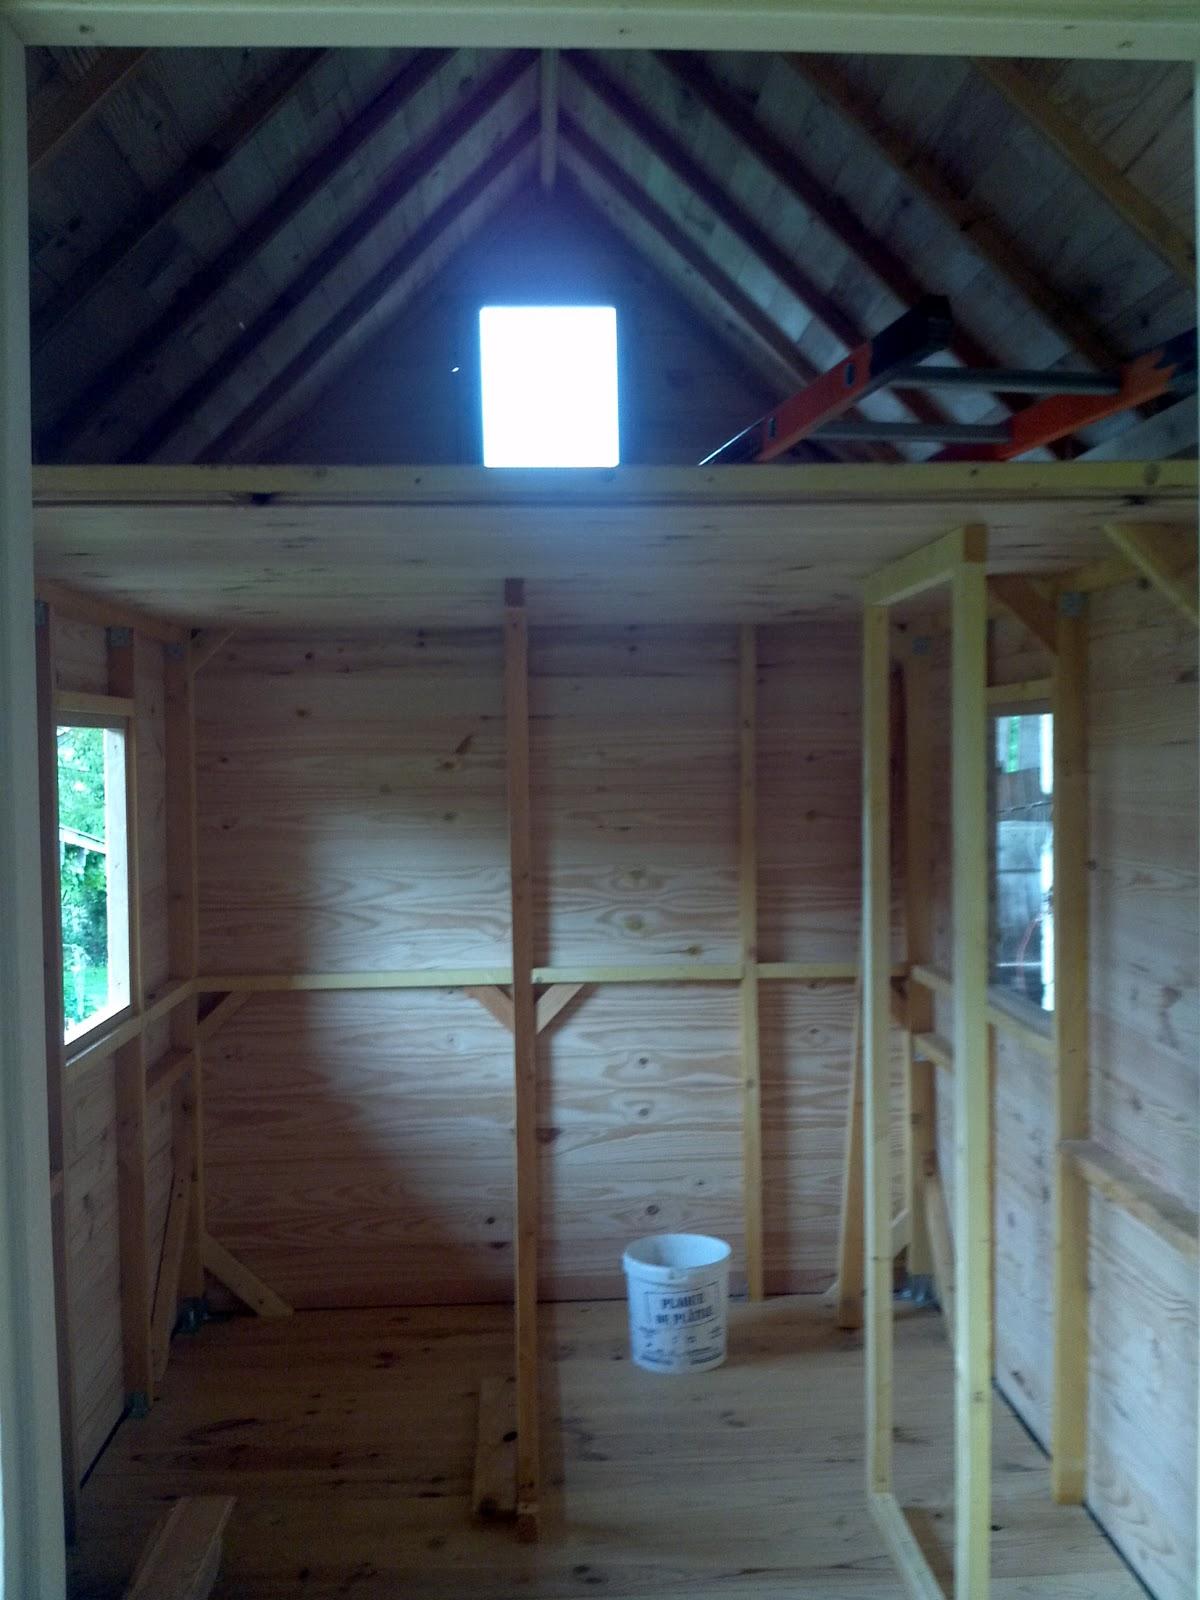 chalotte une tiny house entre la roulotte et le chalet built tiny house. Black Bedroom Furniture Sets. Home Design Ideas